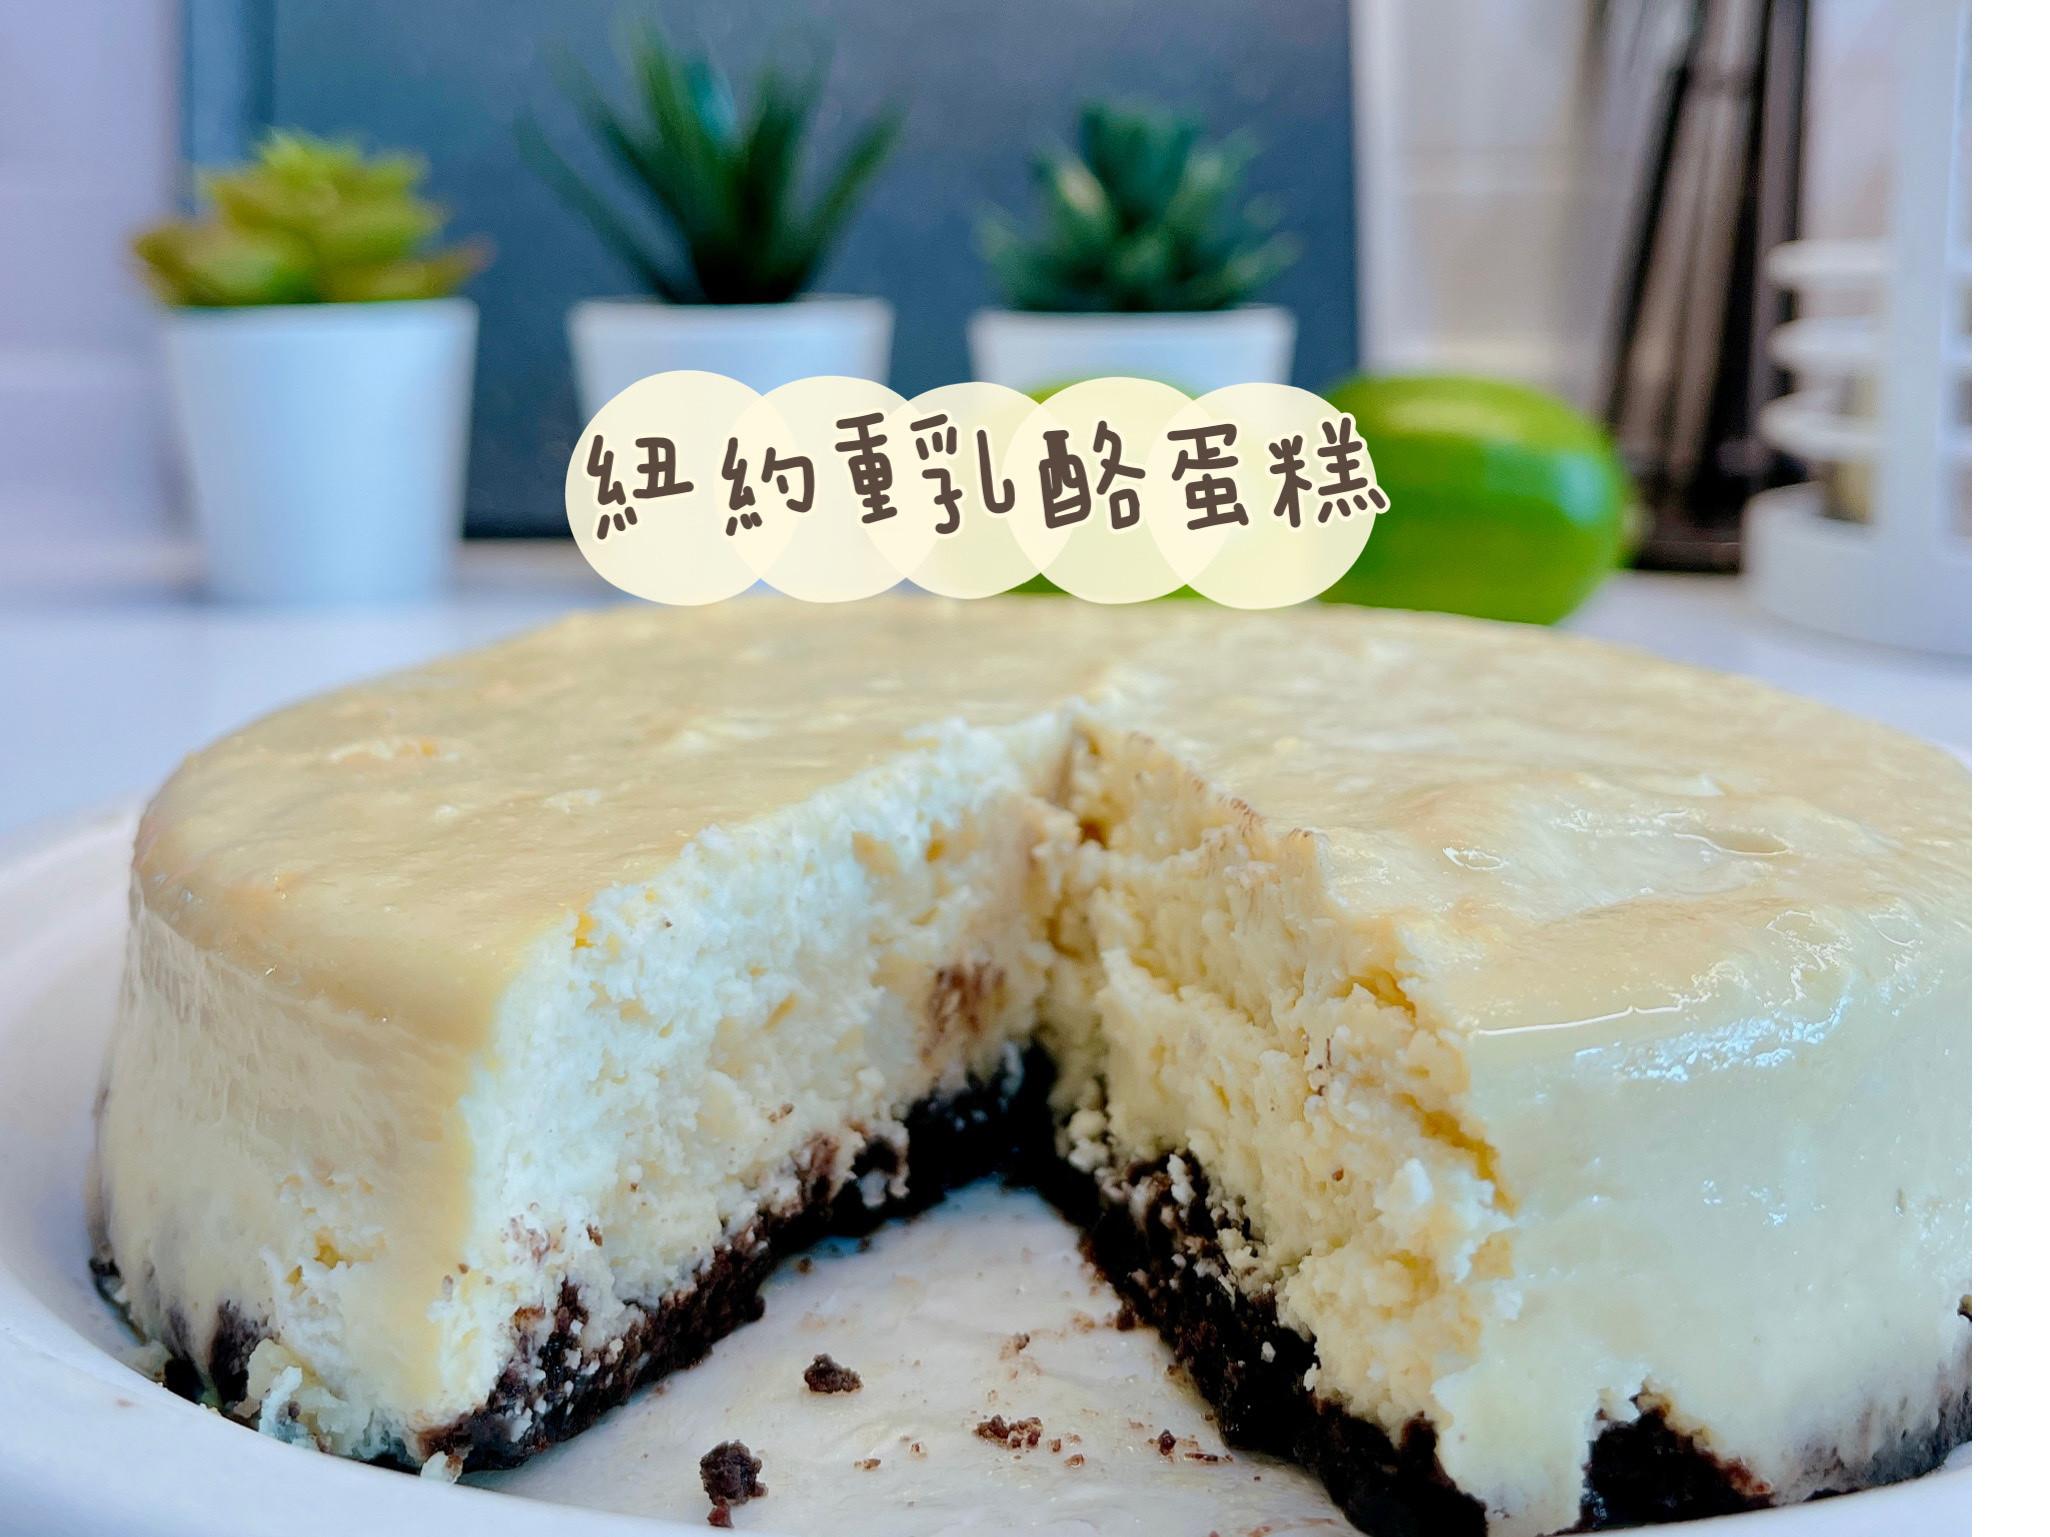 紐約重乳酪起司蛋糕